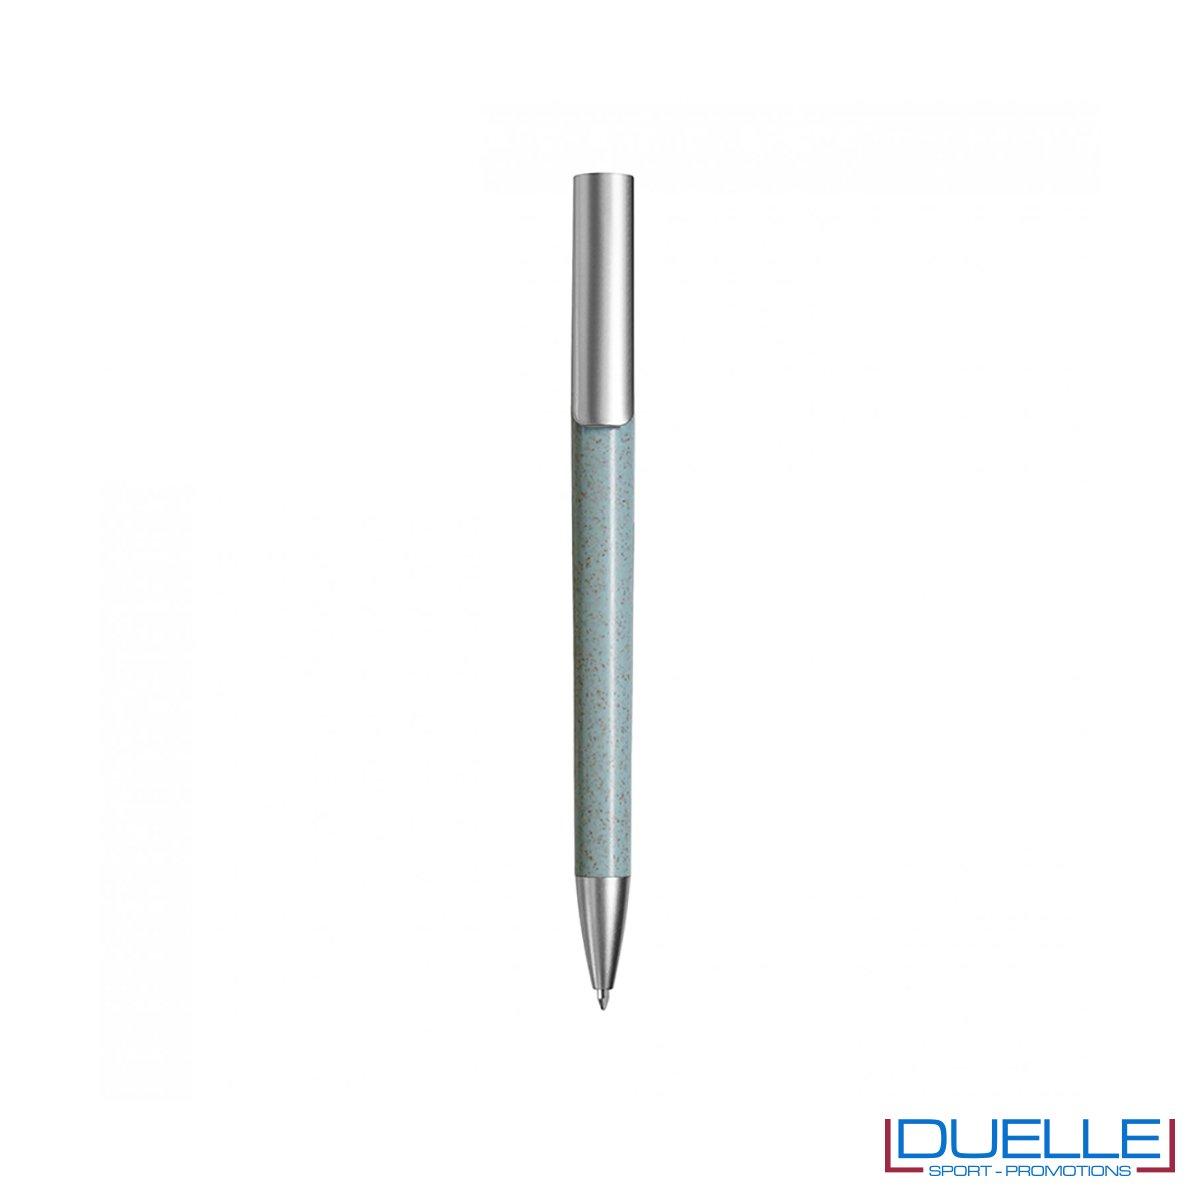 Penna ecologica in fibra di grano colore azzurro personalizzata